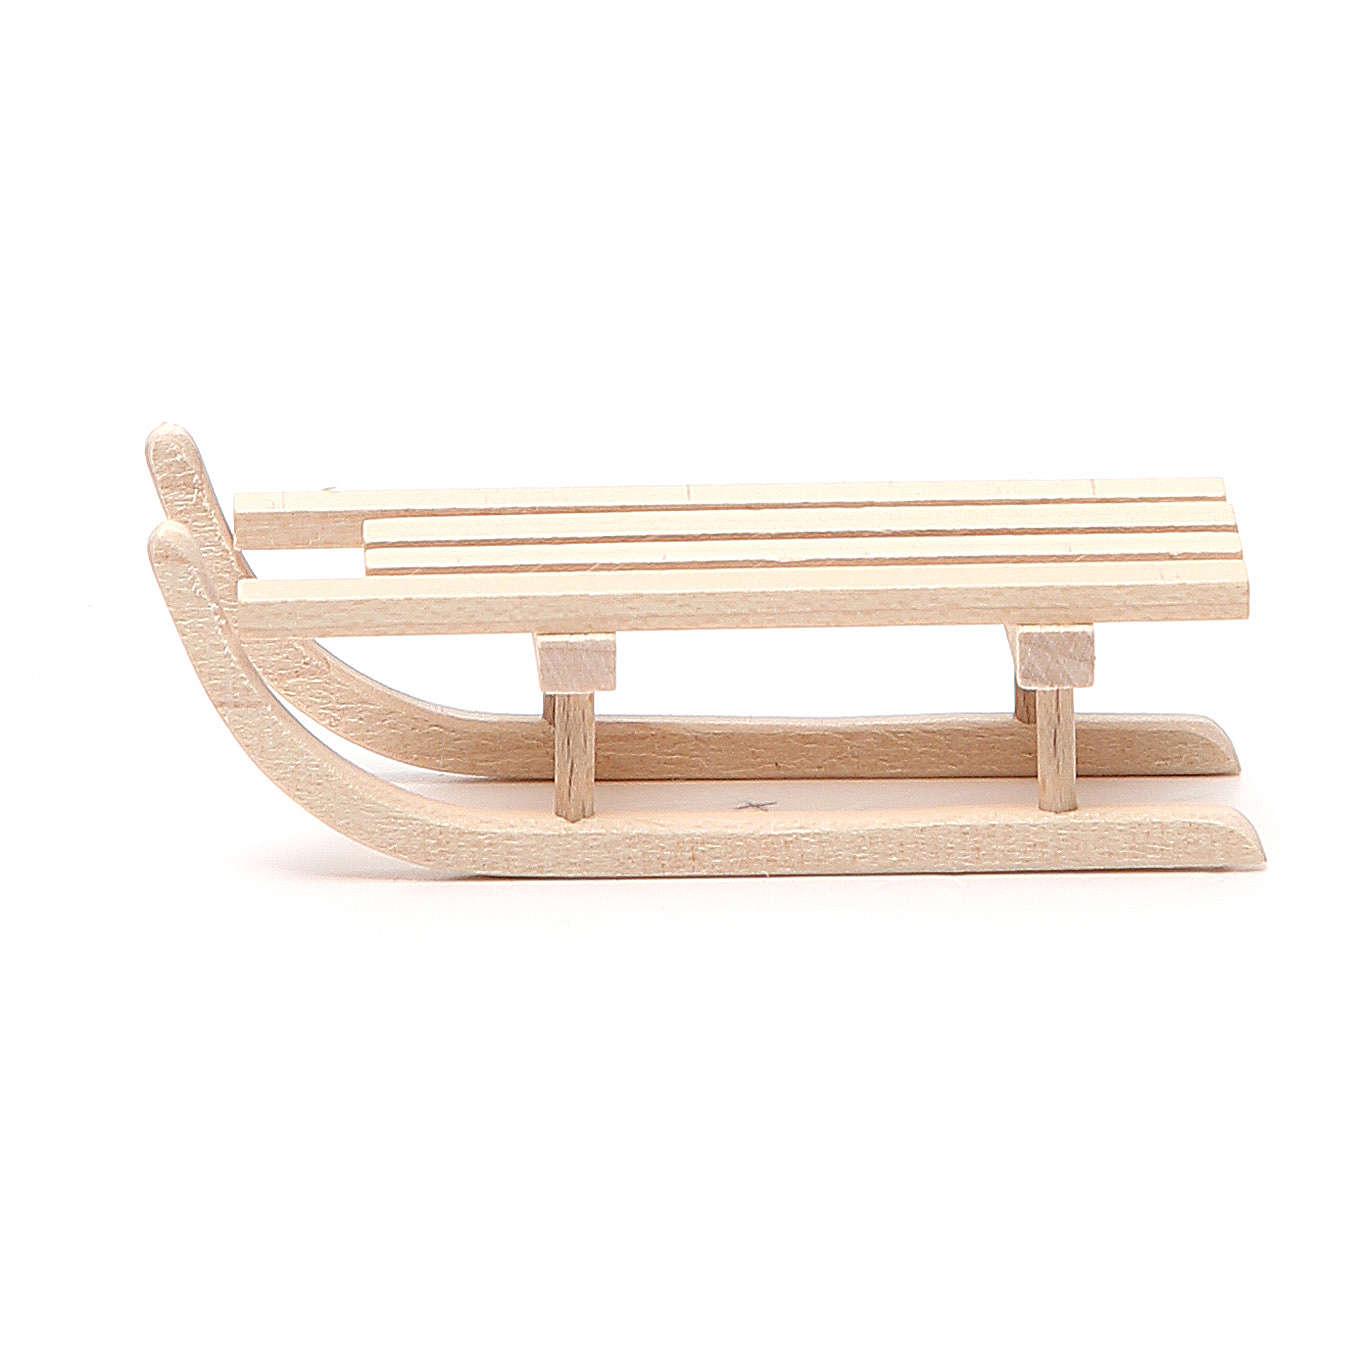 Trineo de madera para belén h.2.5x3.5x9 cm 4